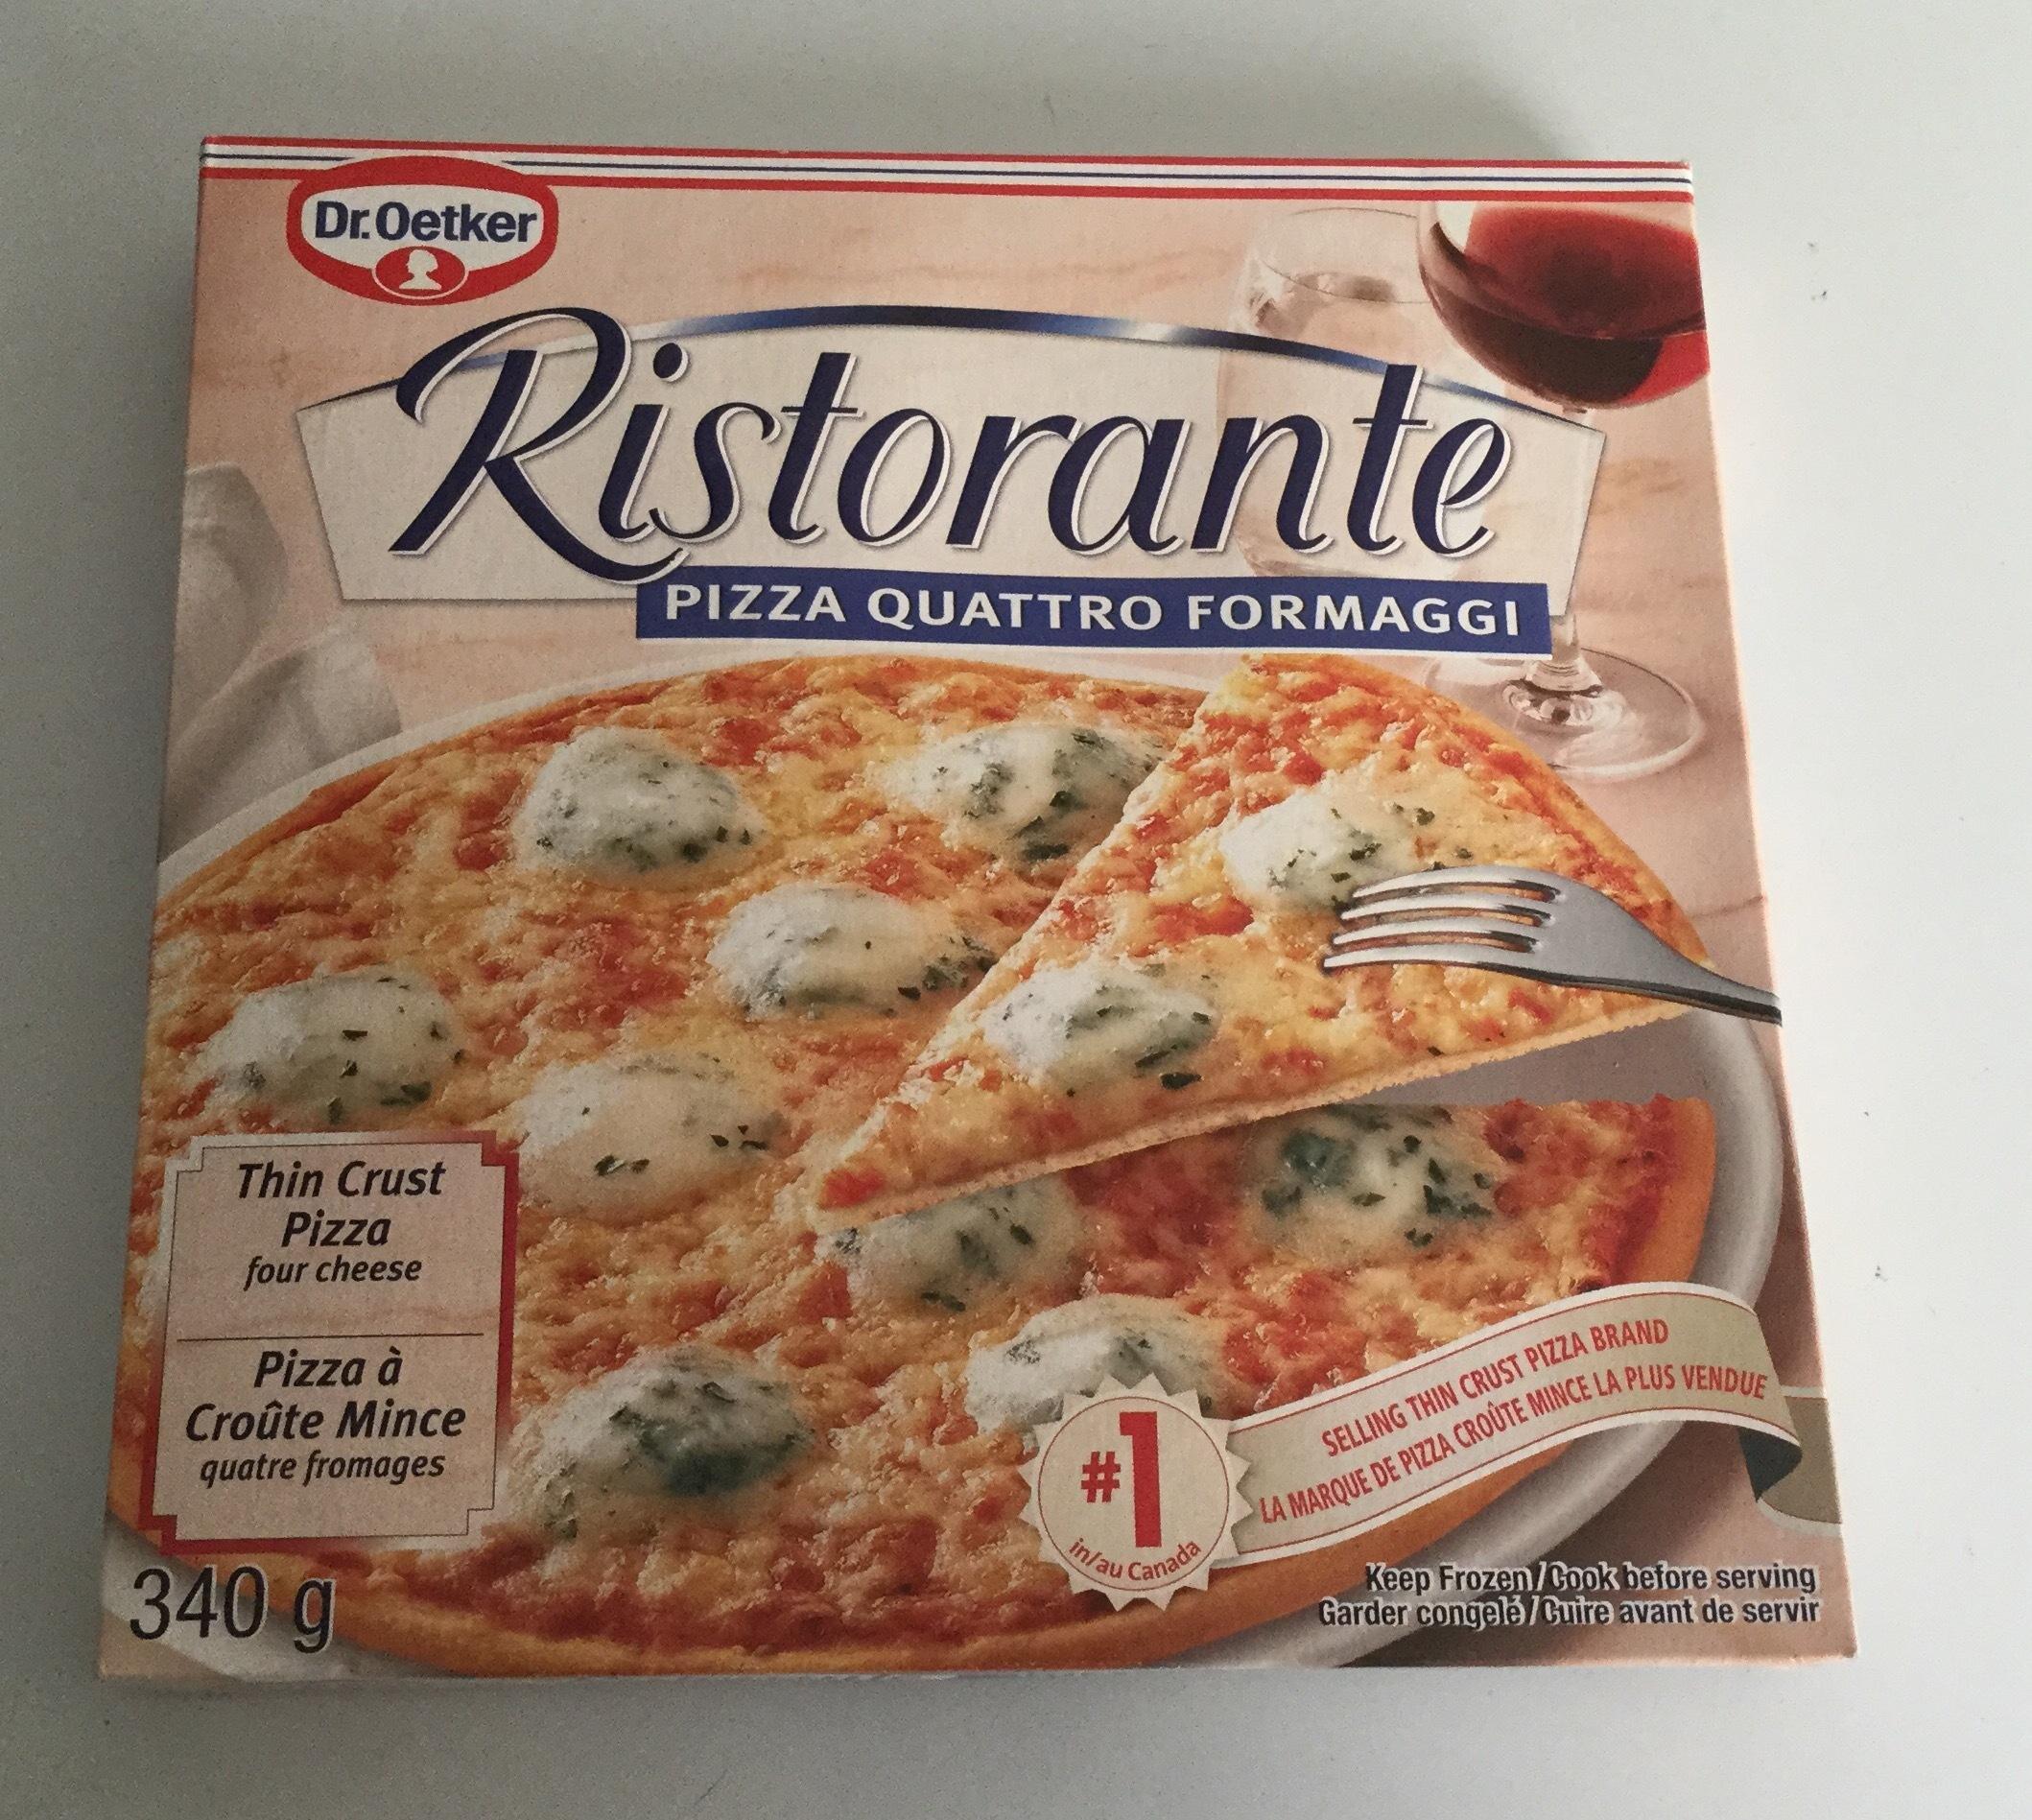 dr oetker ristorante pizza quattro formaggi reviews in frozen pizza chickadvisor. Black Bedroom Furniture Sets. Home Design Ideas